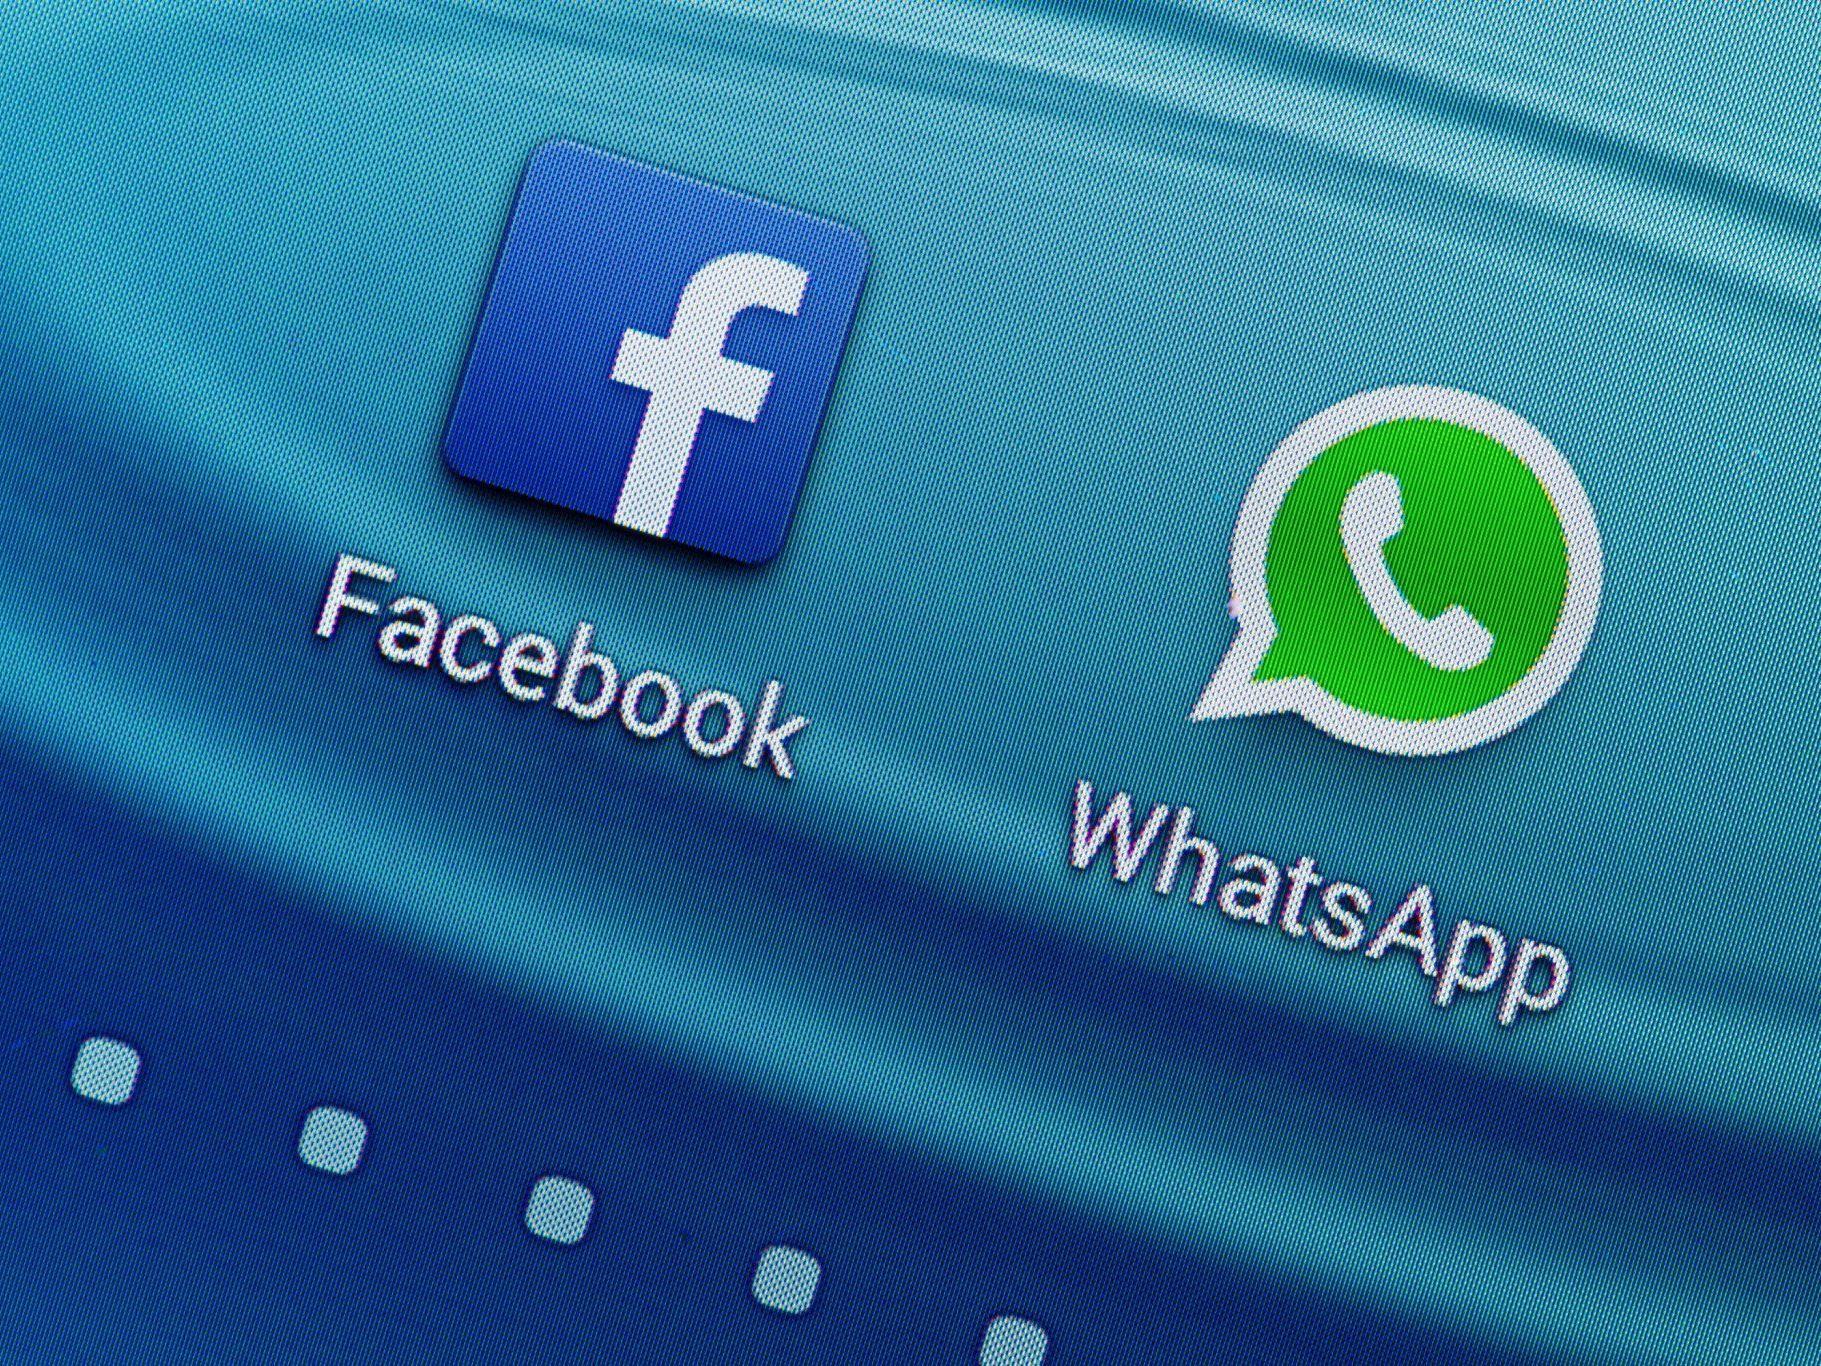 Der erste Schritt zur Verknüpfung von WhatsApp und Facebook ist gemacht.